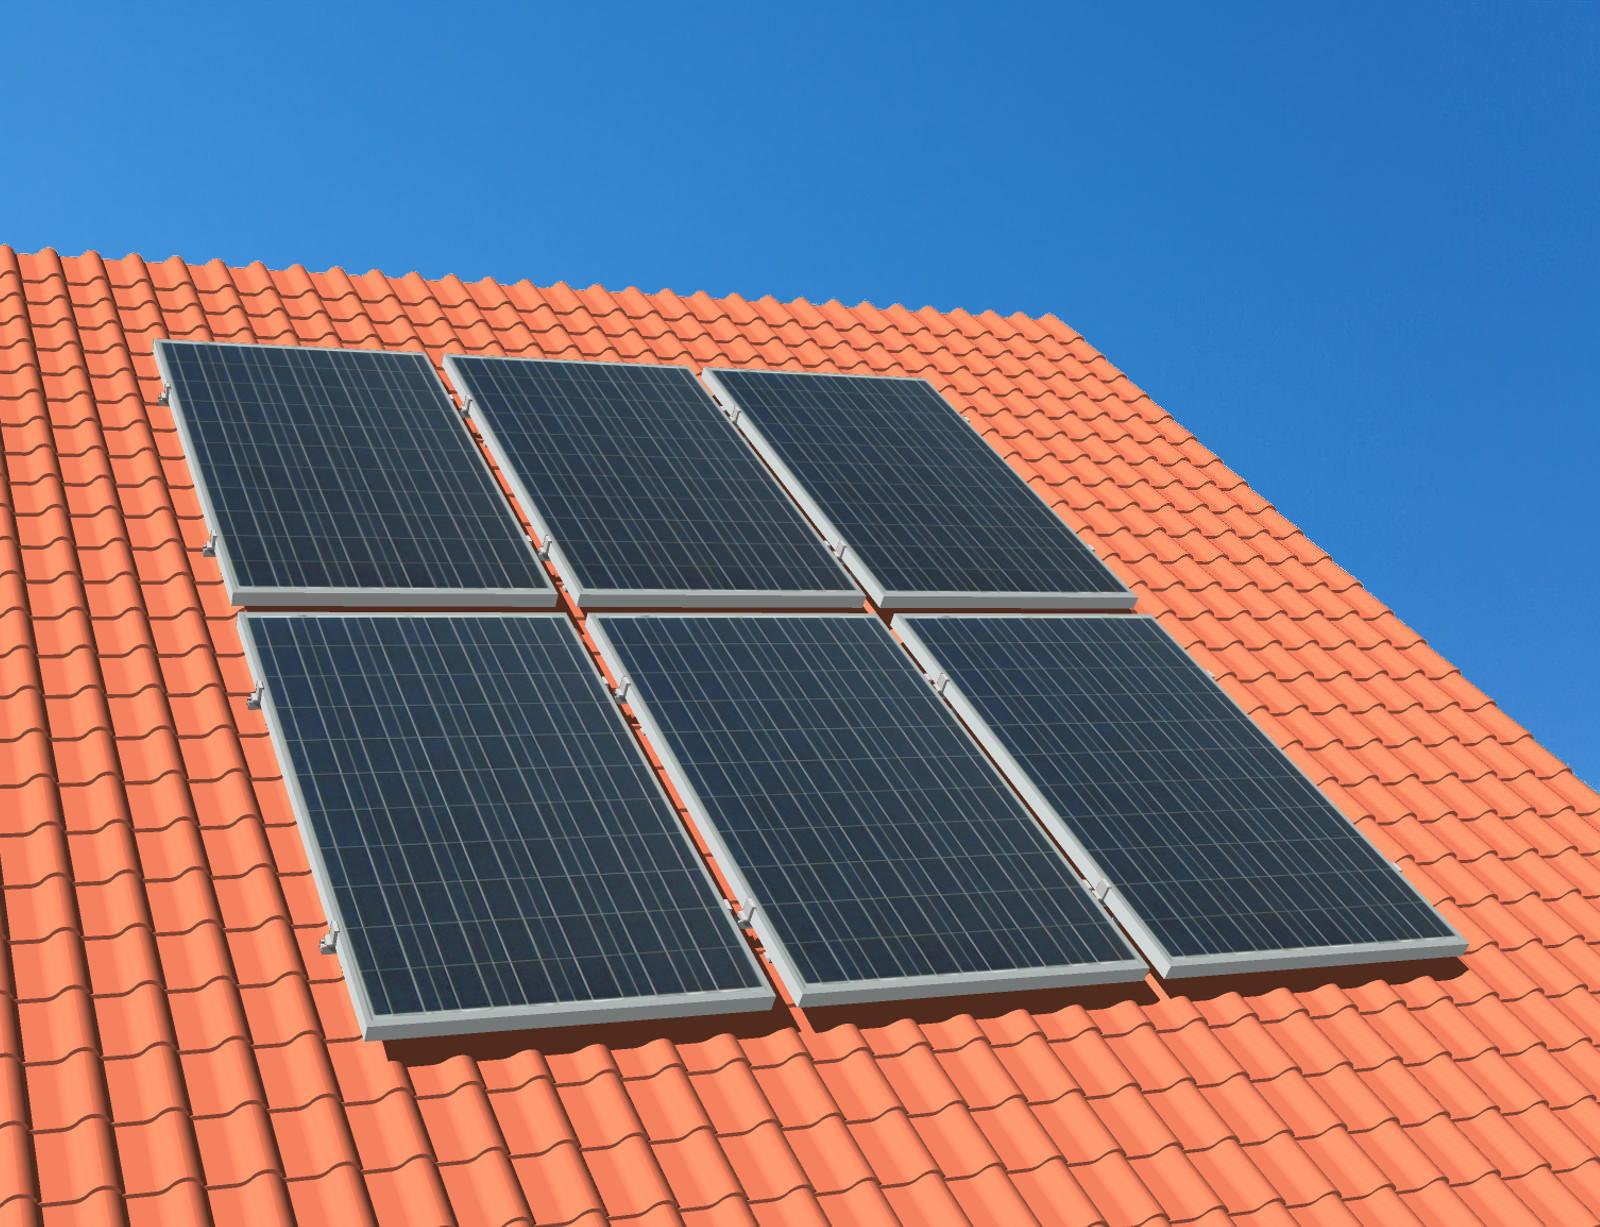 myCleantechSolarPower™ Solaranalage Schrägdach mit 6 Pannels - Musterbild